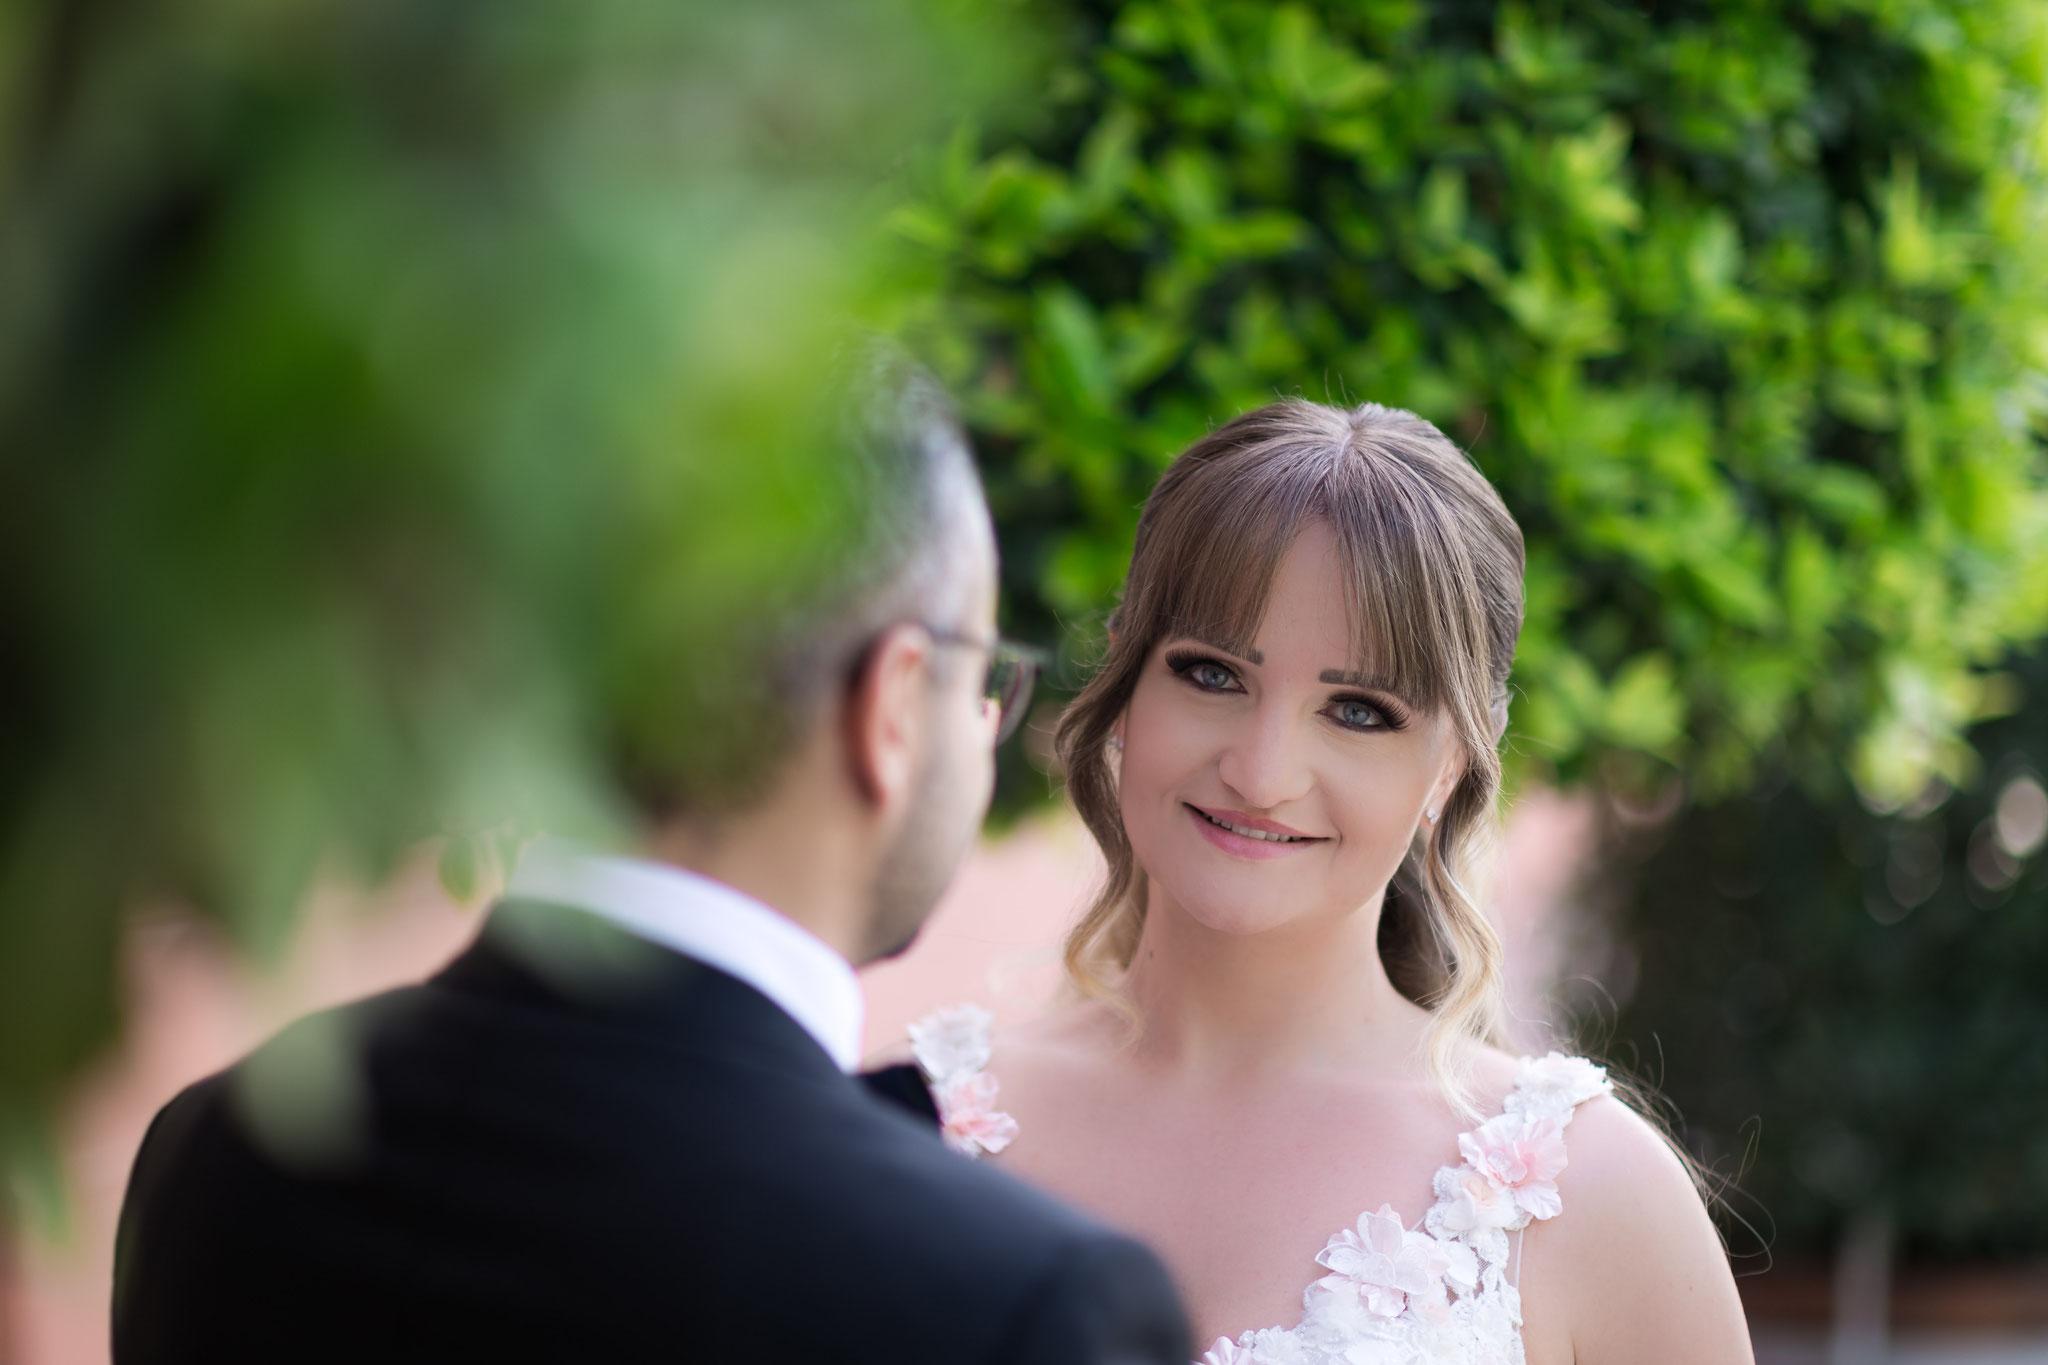 Brautpaar Aufnahmen aus unterschiedlichen Perspektiven